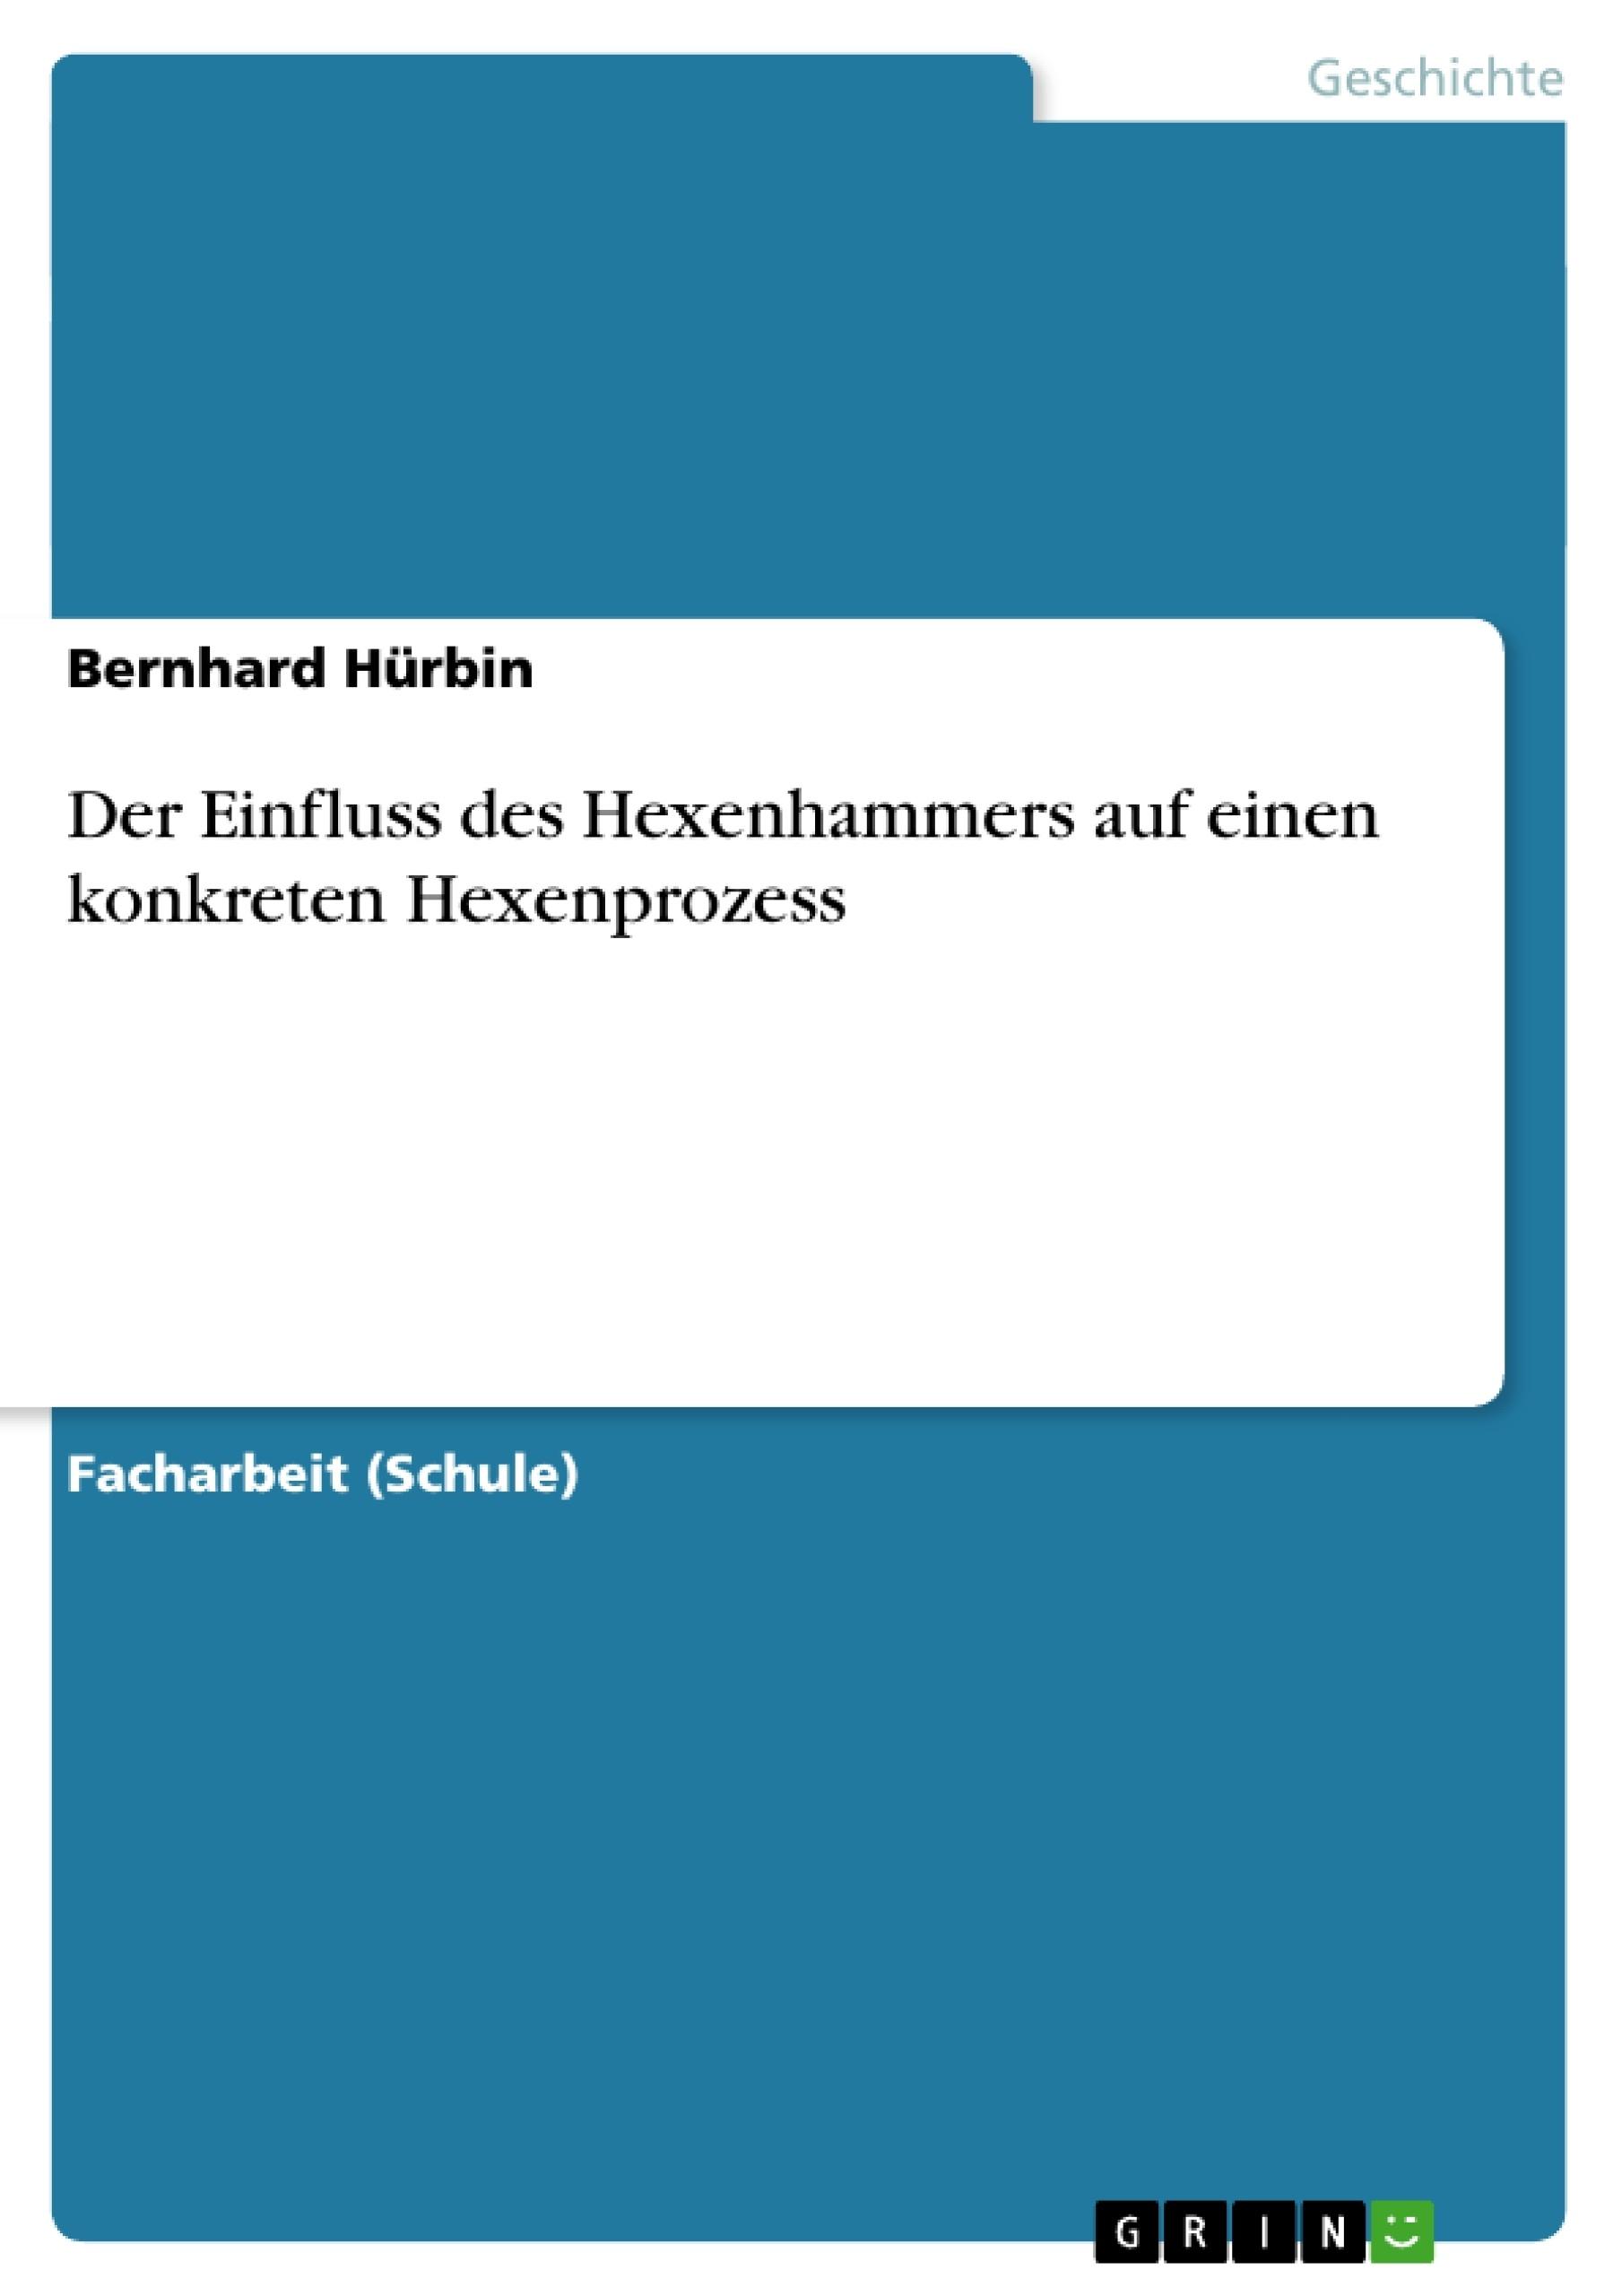 Titel: Der Einfluss des Hexenhammers auf einen konkreten Hexenprozess